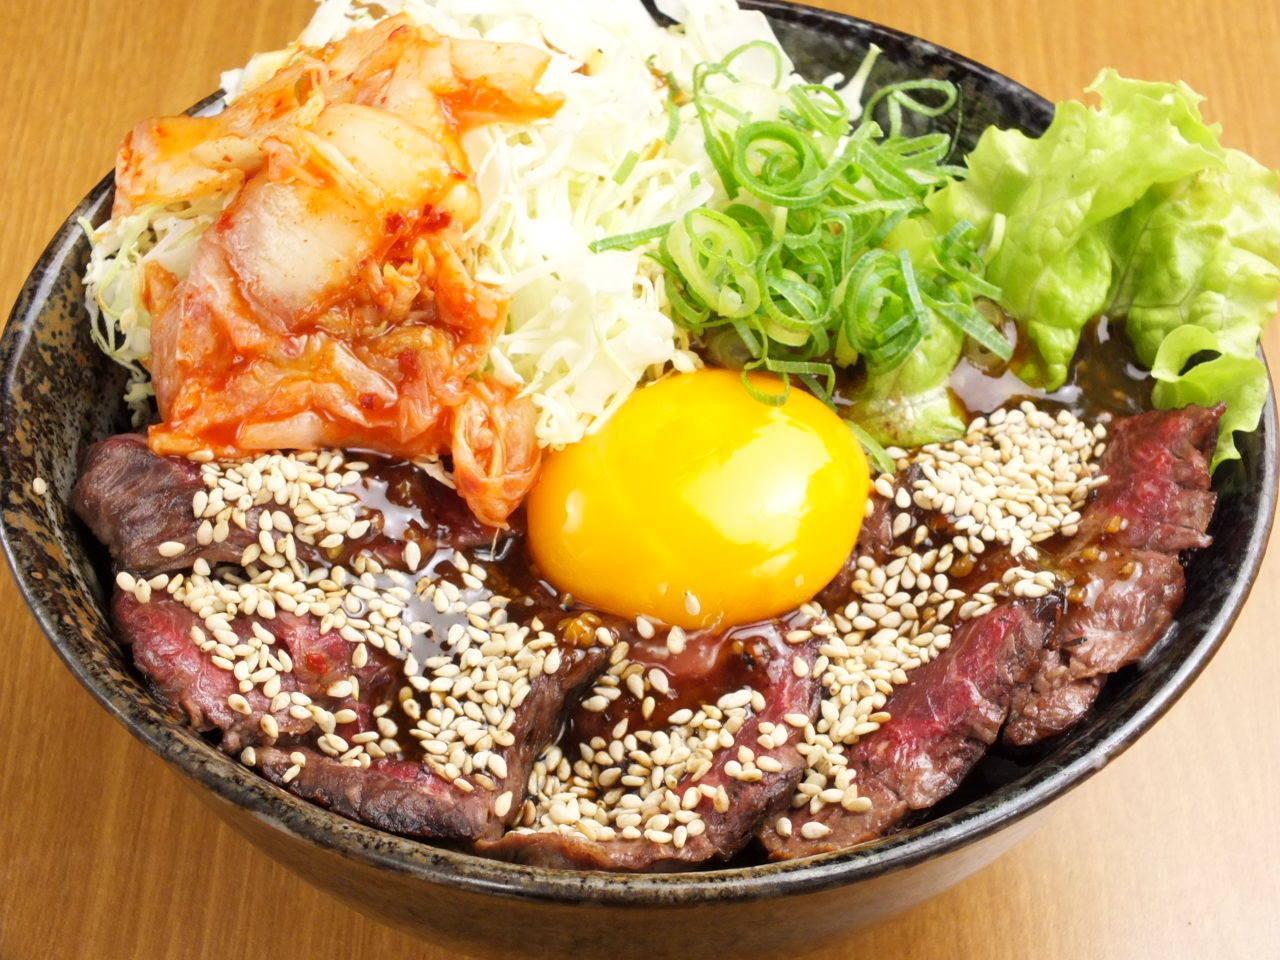 大阪で安くておいしいデカ盛りグルメ!お腹いっぱい間違いなし8選!の画像